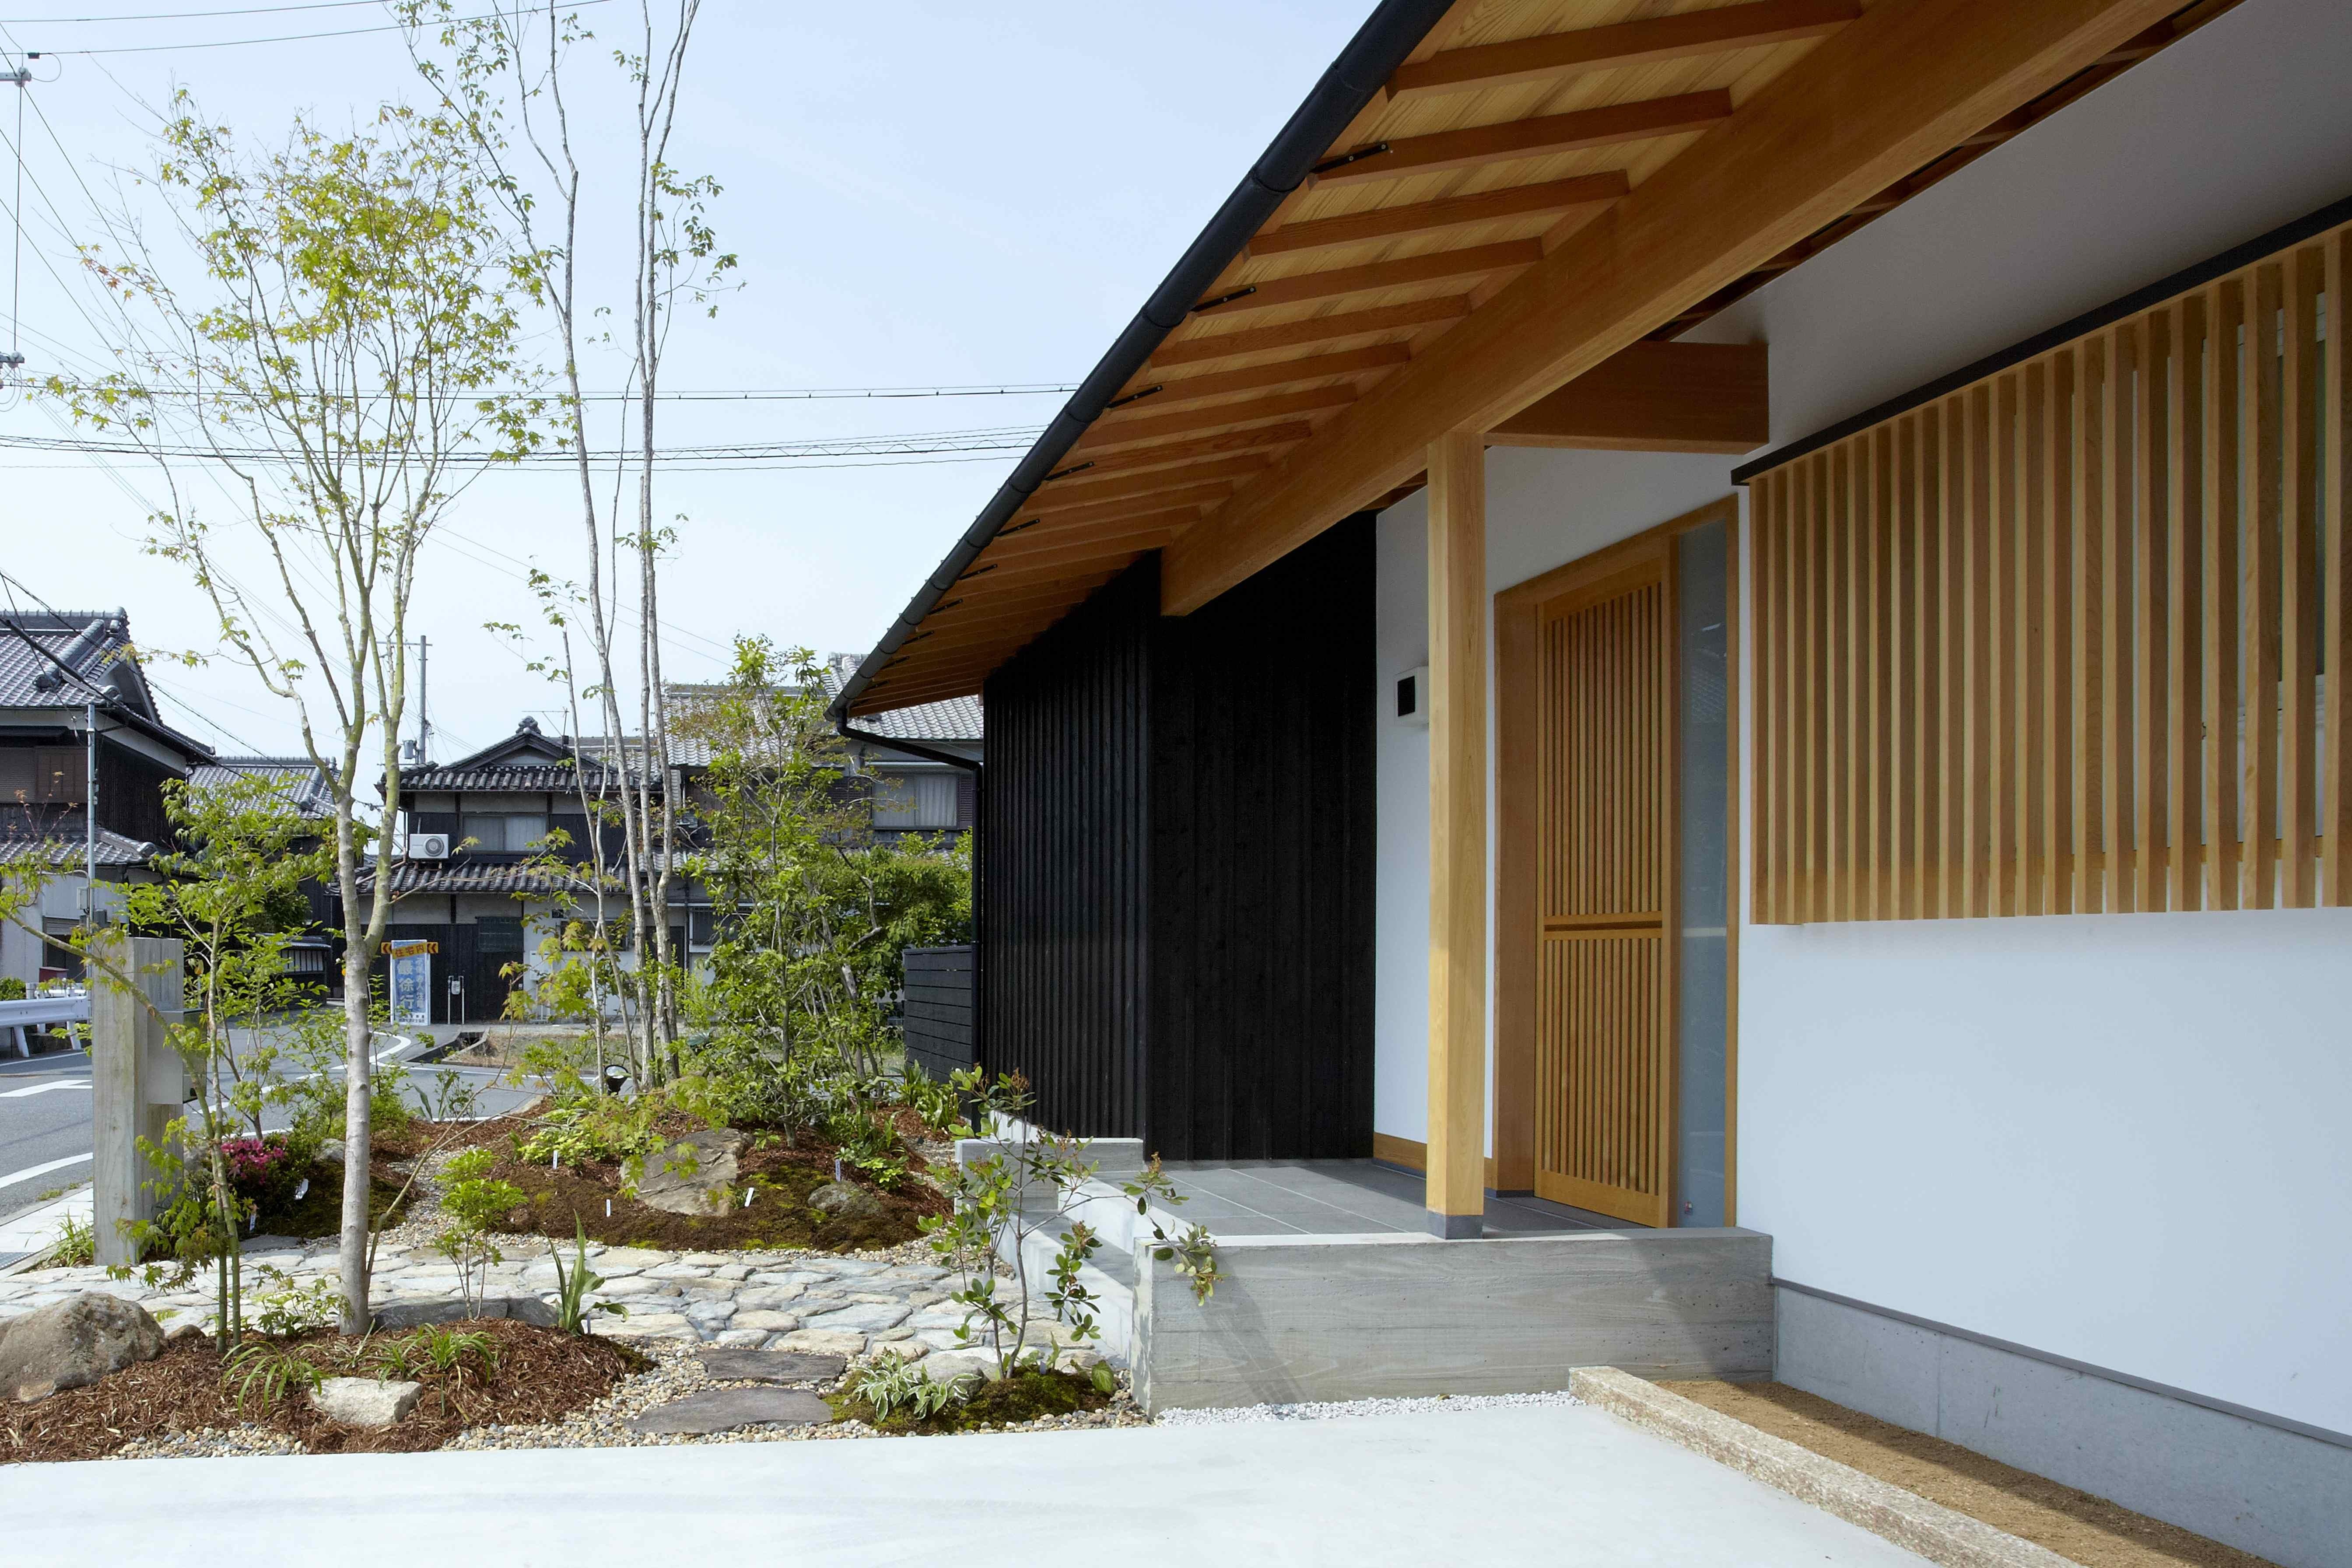 玄関事例:玄関ポーチ(ウッドデッキで繋がる空間 趣味を楽しむ住まい 姫路の家)